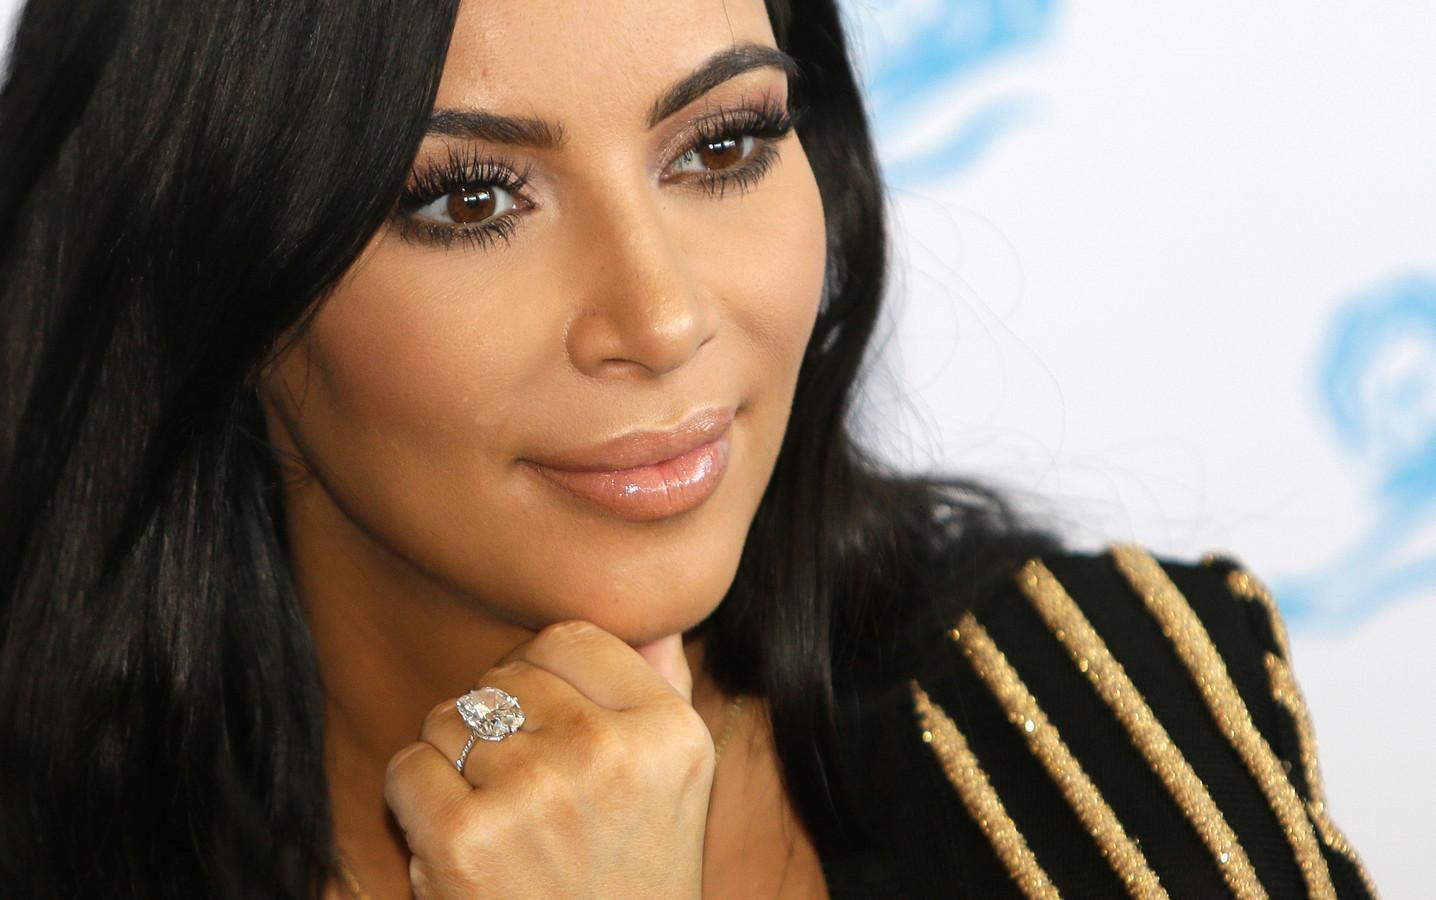 De Amerikaanse televisiepersoonlijkheid Kim Kardashian werd eind 2016 in een appartement in Parijs beroofd van juwelen ter waarde van 10 miljoen euro.